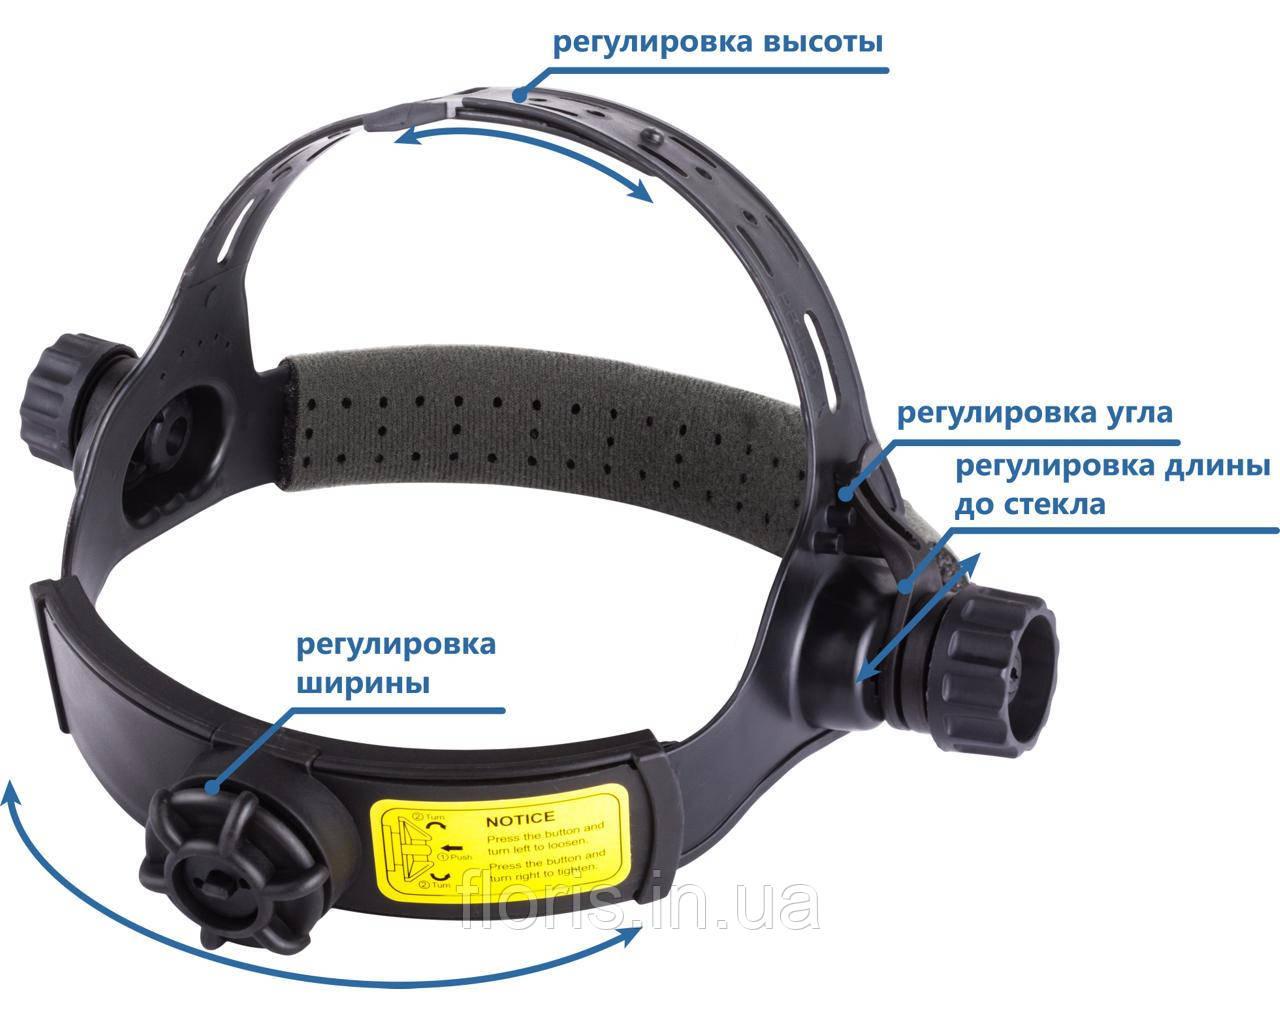 Наголовник для масок Evolution (WH4001), Evolution Hybrid LED (WH4404), 7401, Apache Rapid Crystals (WH8512),